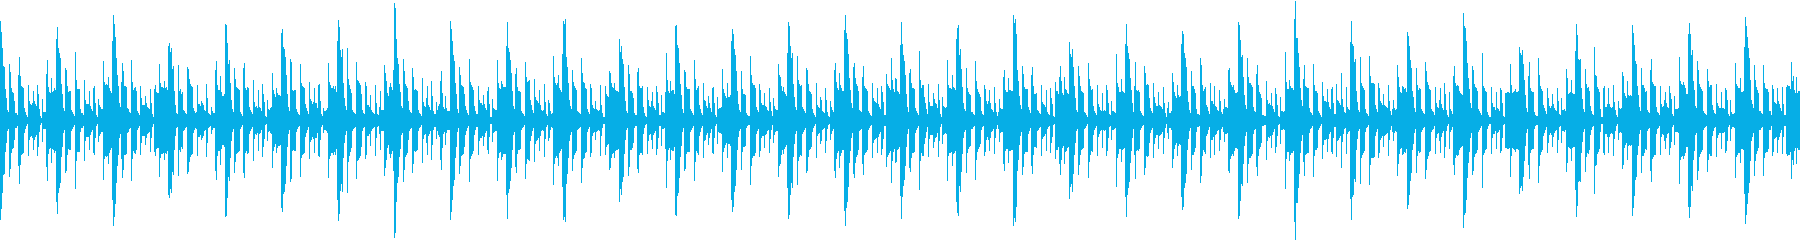 シンキングタイム三拍子のループ素材の再生済みの波形